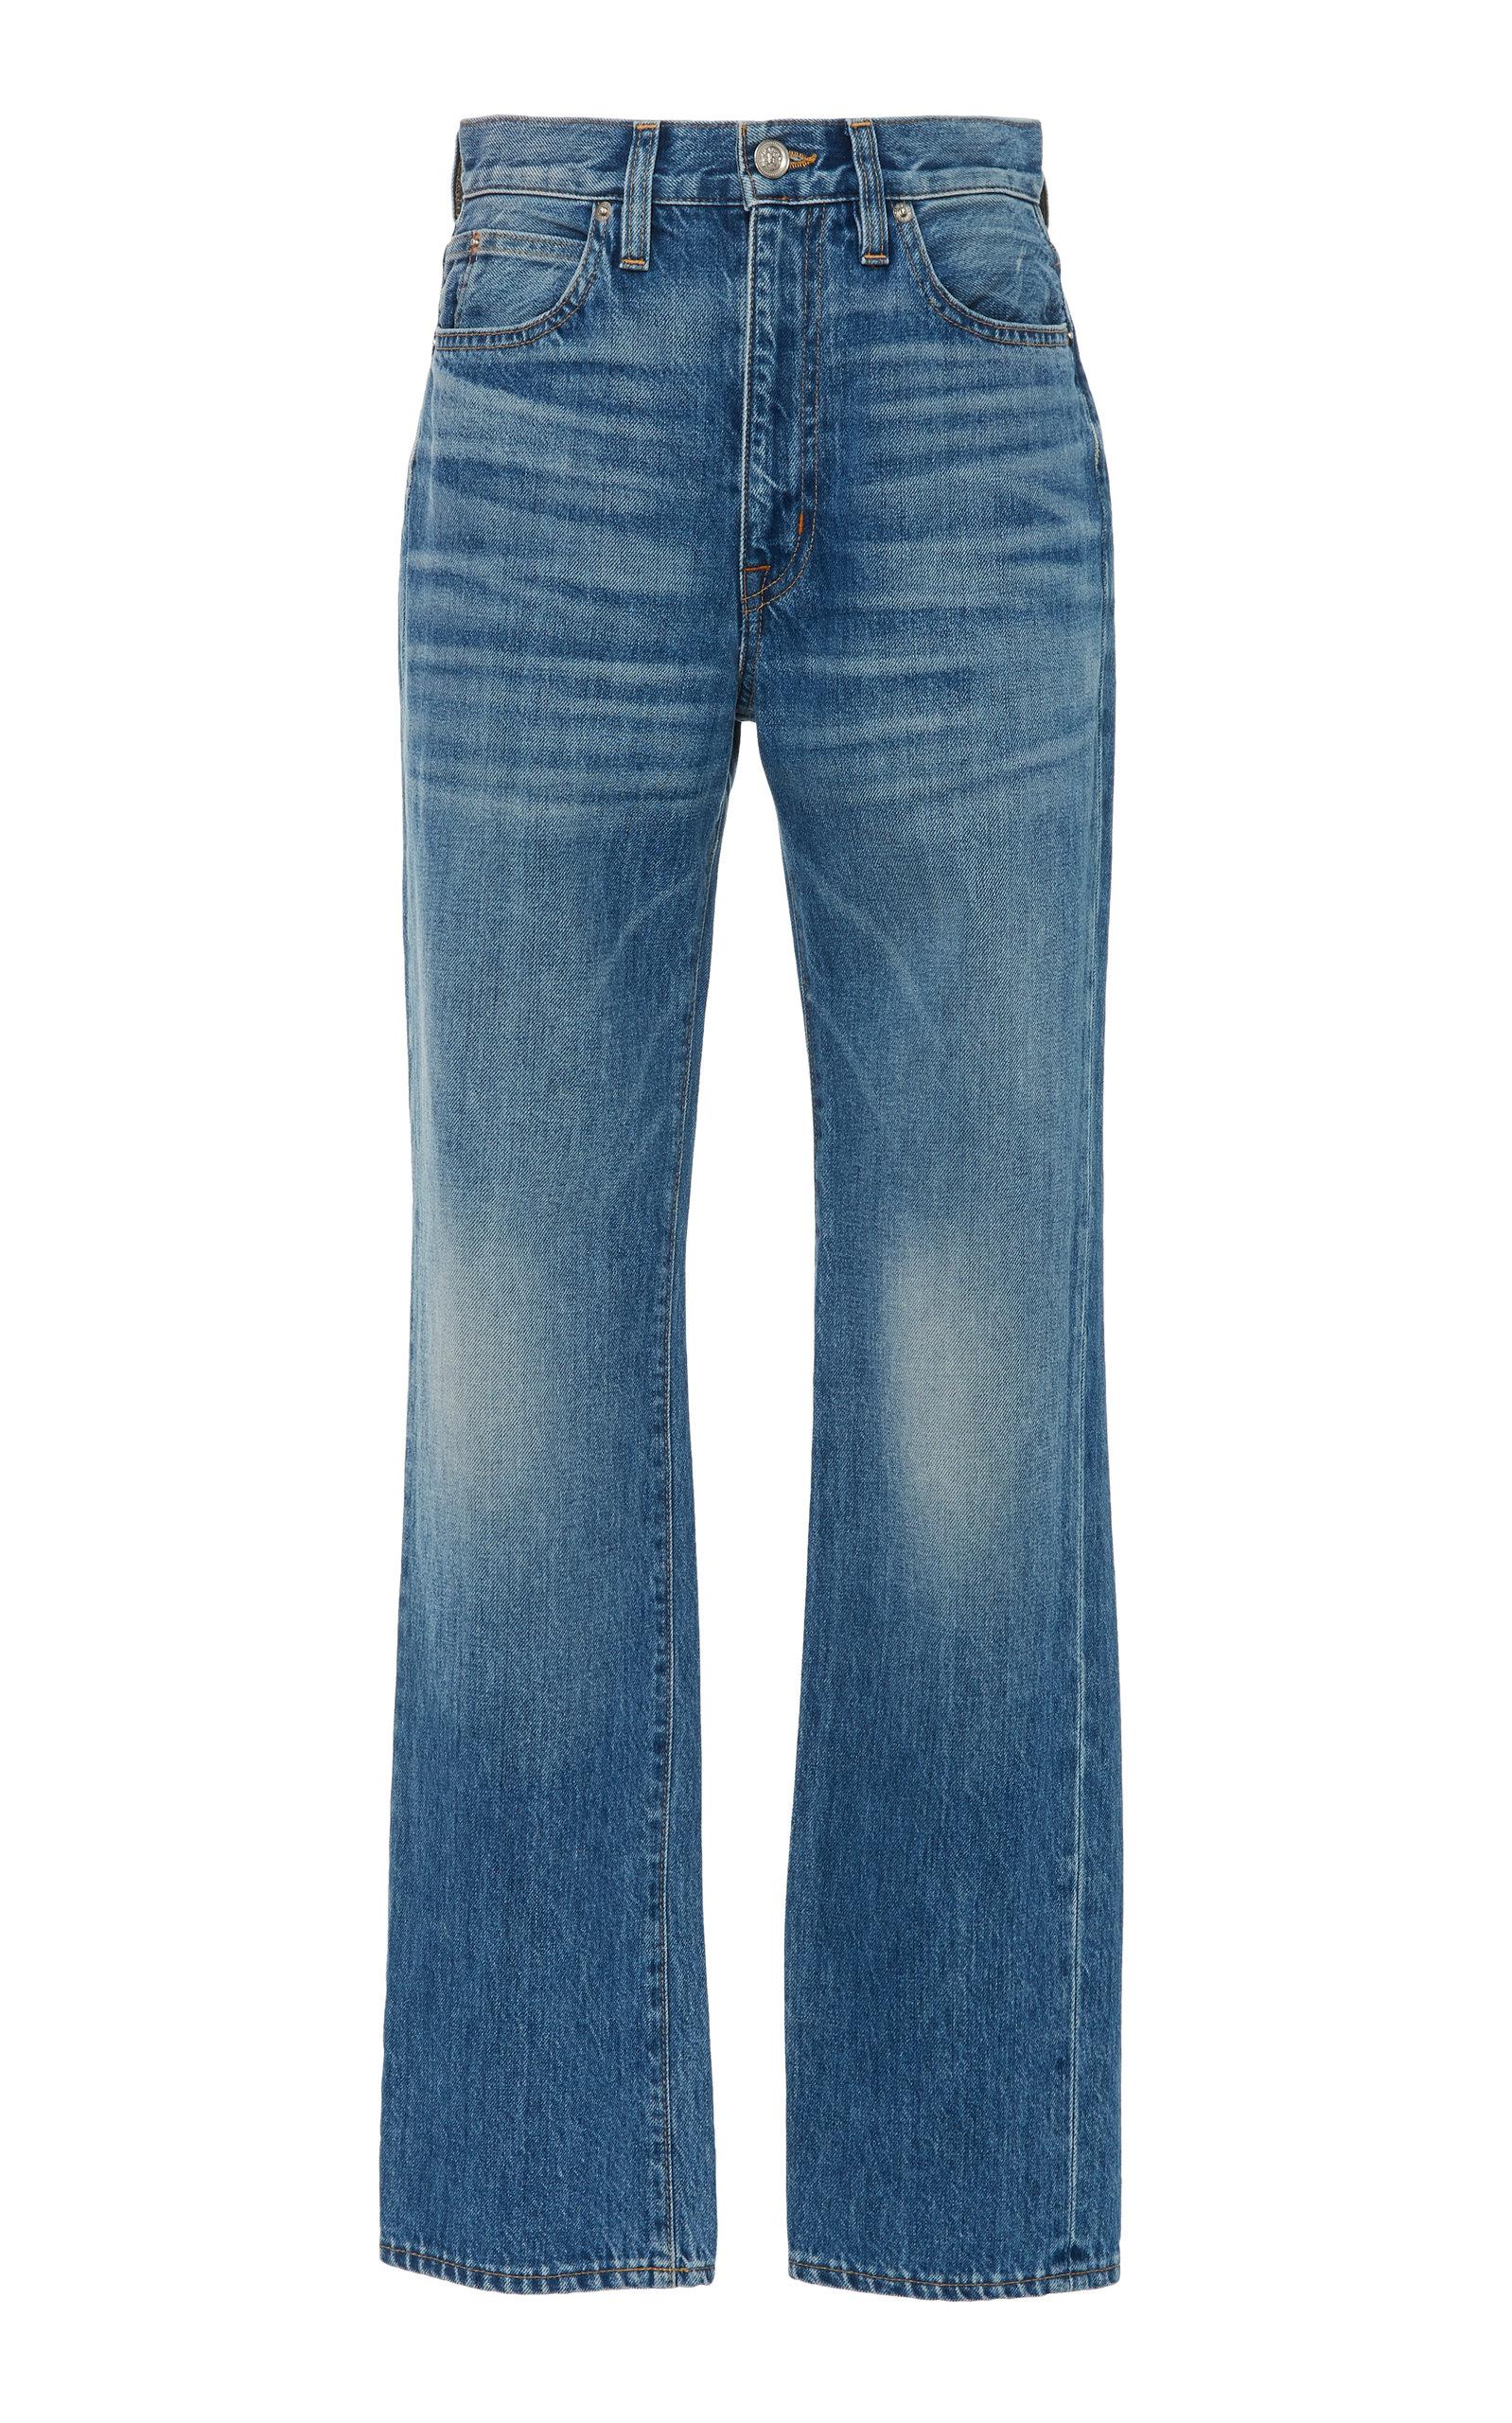 SLVRLAKE DENIM London Straight Leg Jeans in Blue